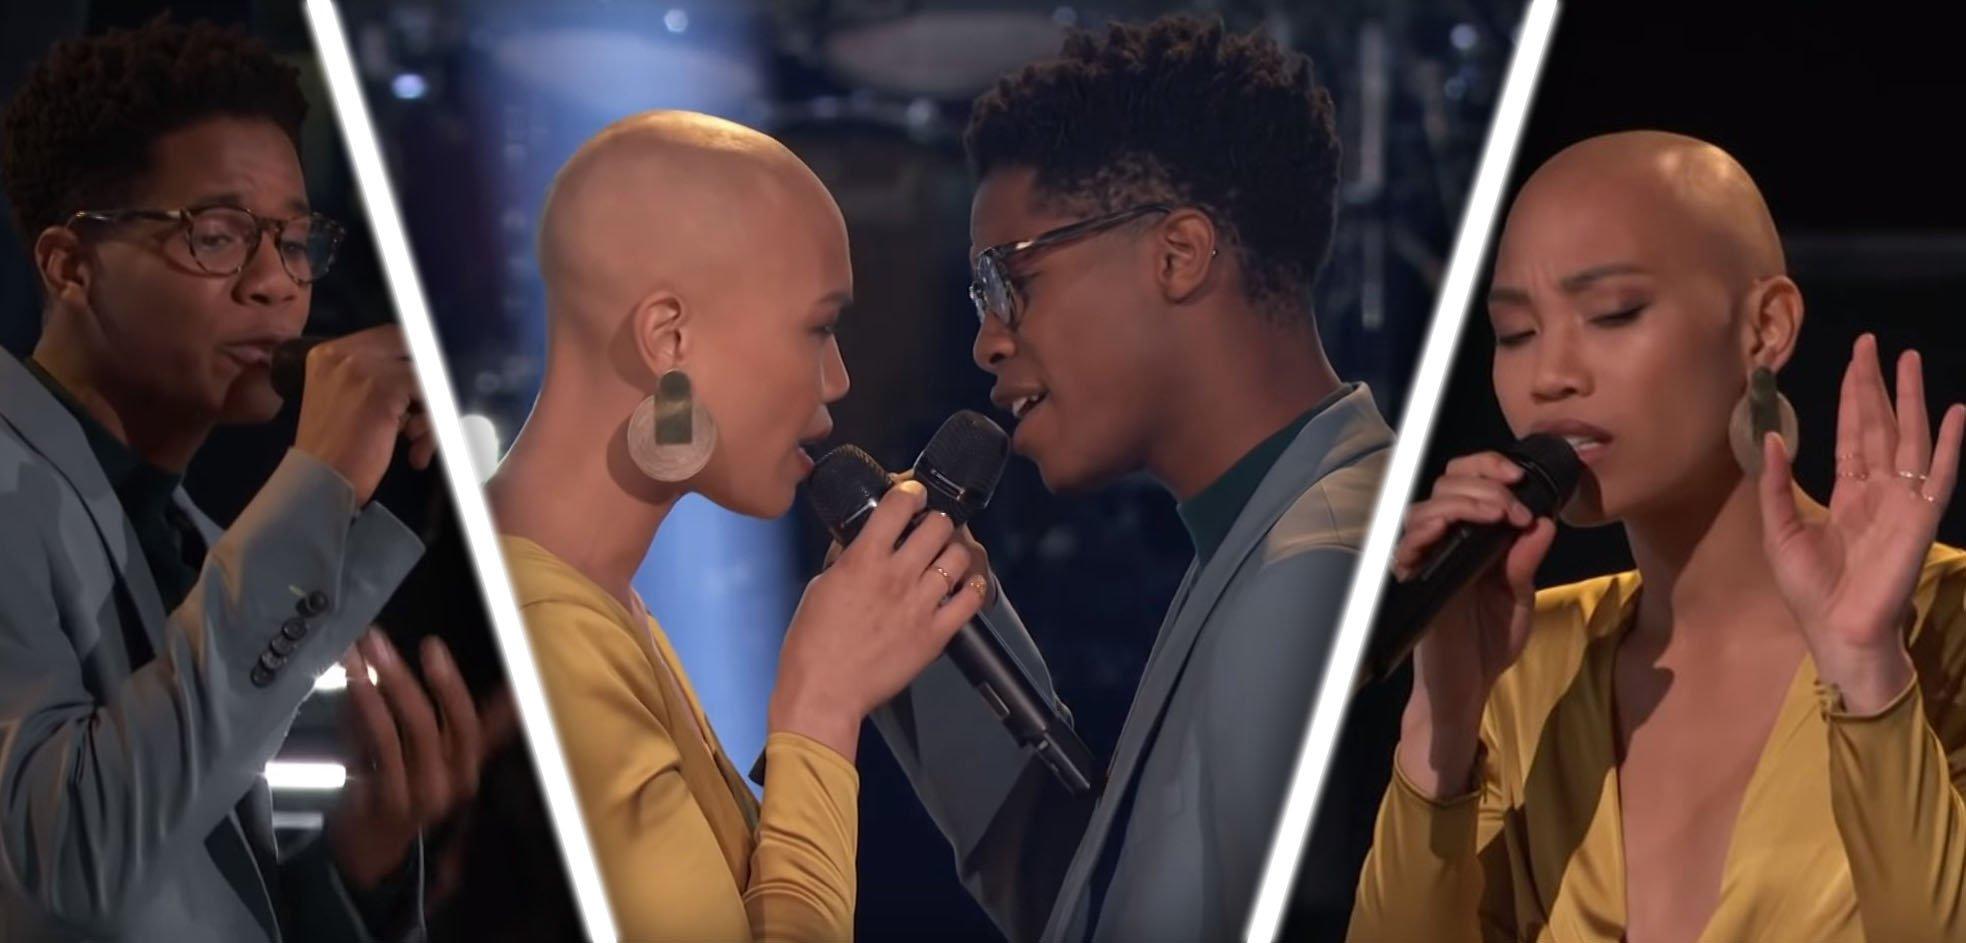 Участники шоу «Голос» устроили на сцене «сексуальный» поединок